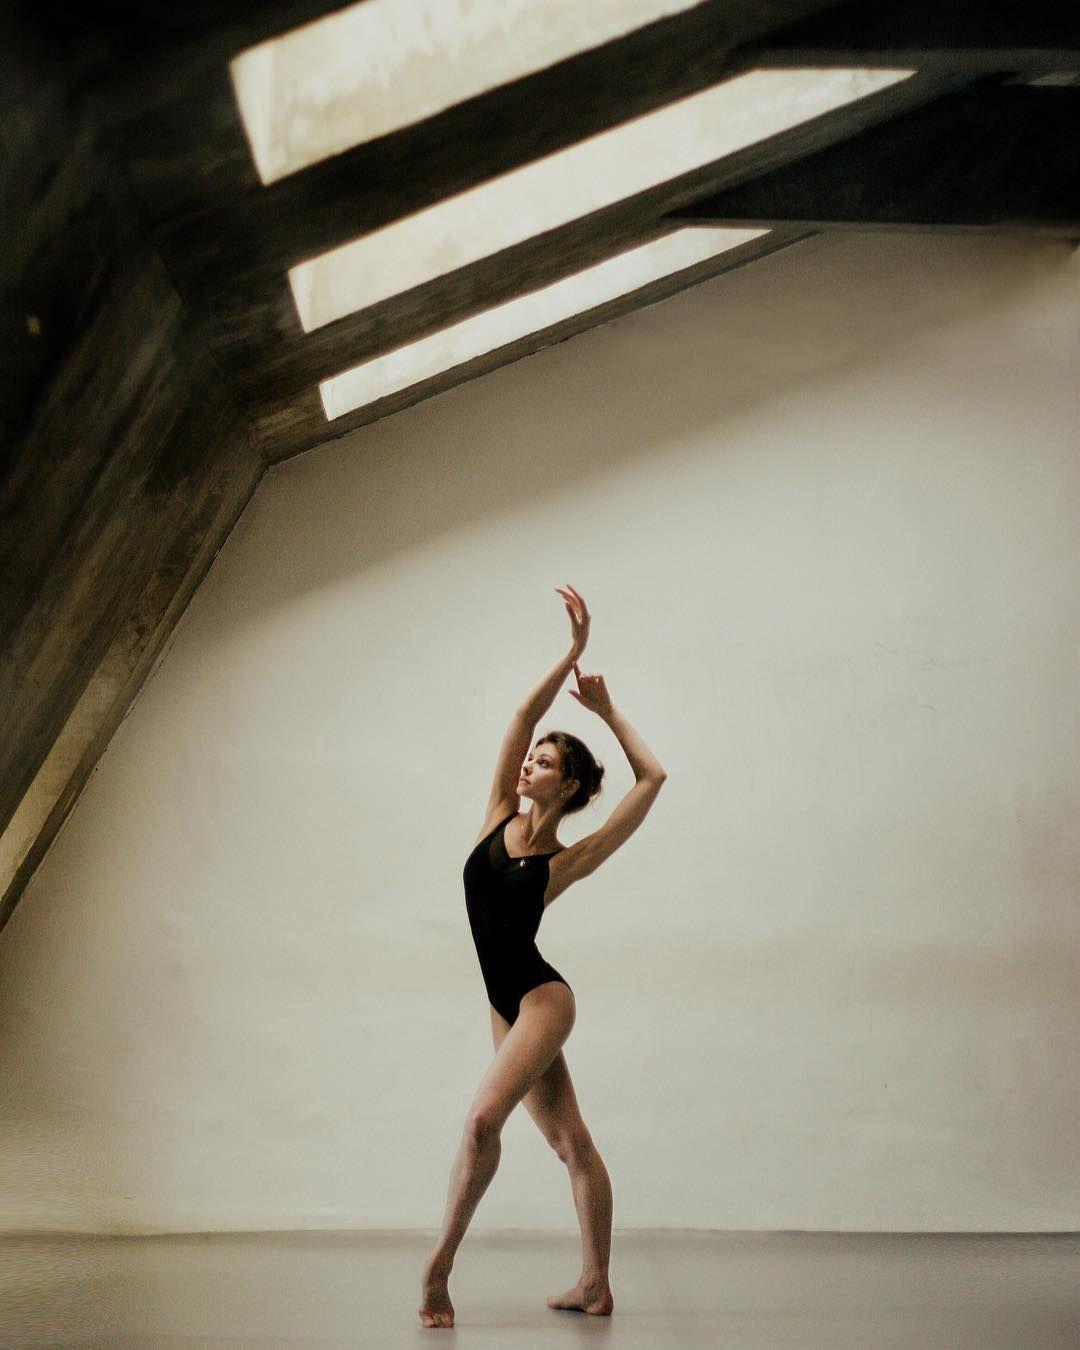 Кто такой балетный фотограф? Как